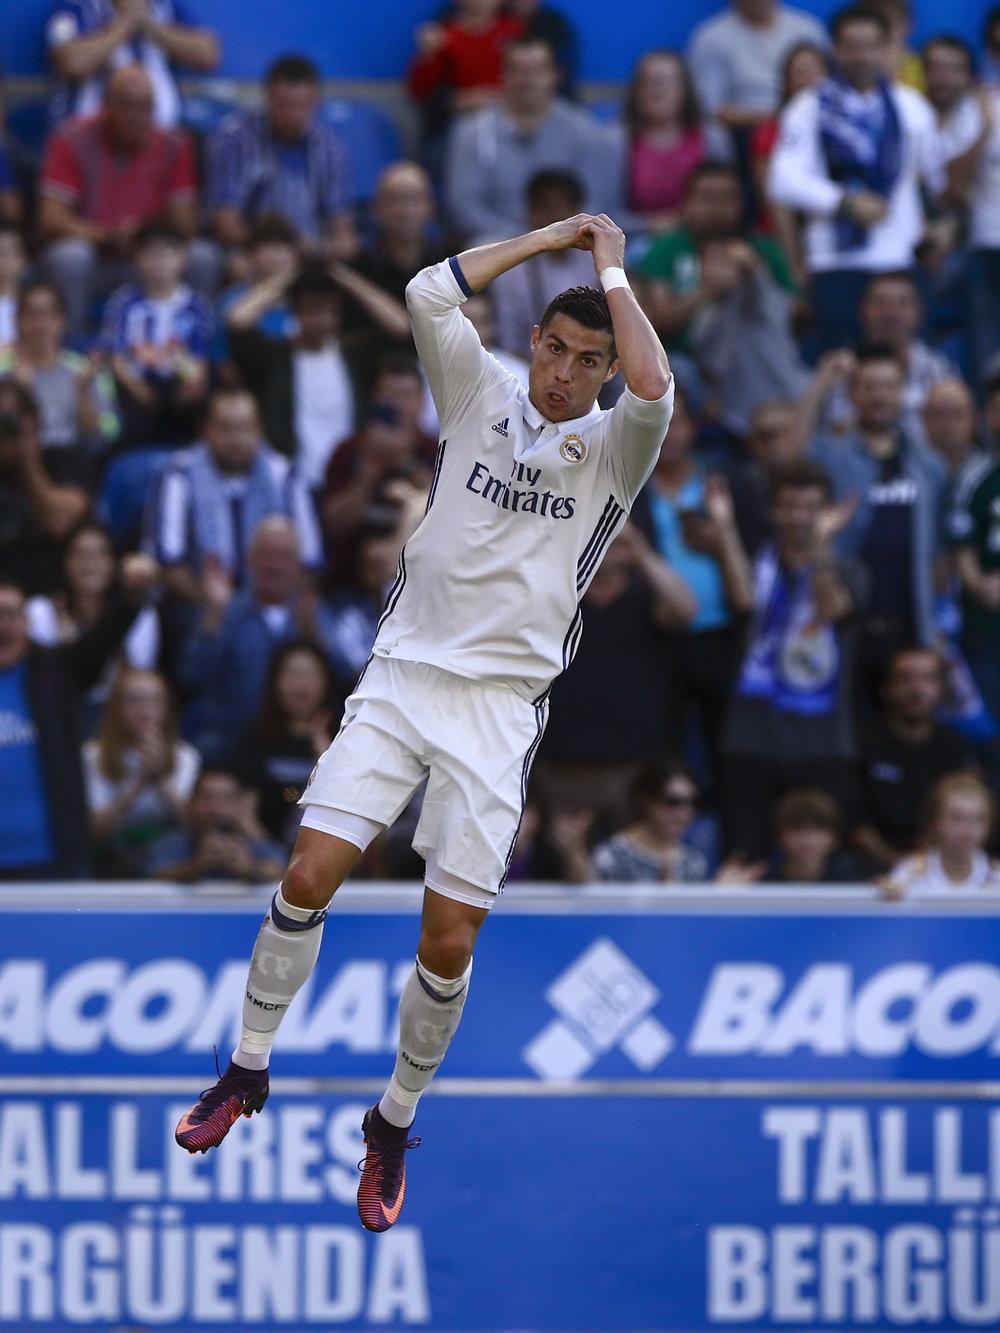 Endelig var Cristiano Ronaldo flyvende - tre mål mod Alavés blev det til.   Foto: Getty Images